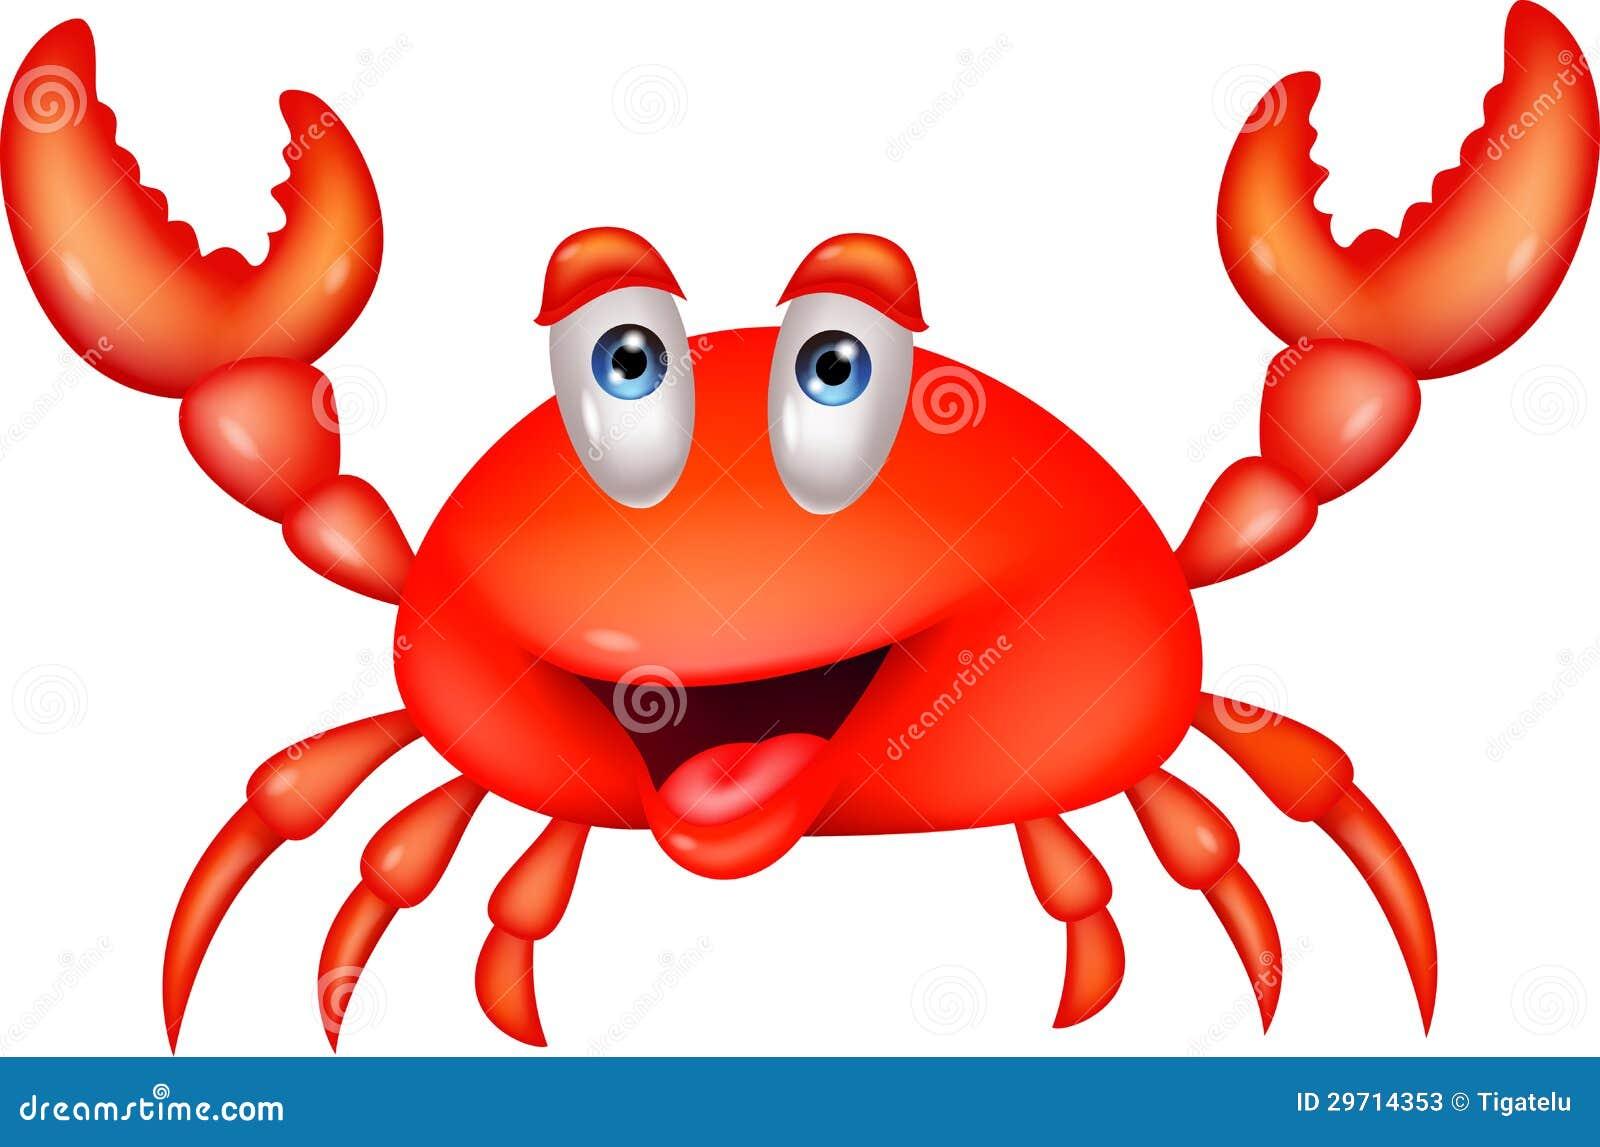 Smiling Crab Cartoon Stock Photos - Image: 29714353